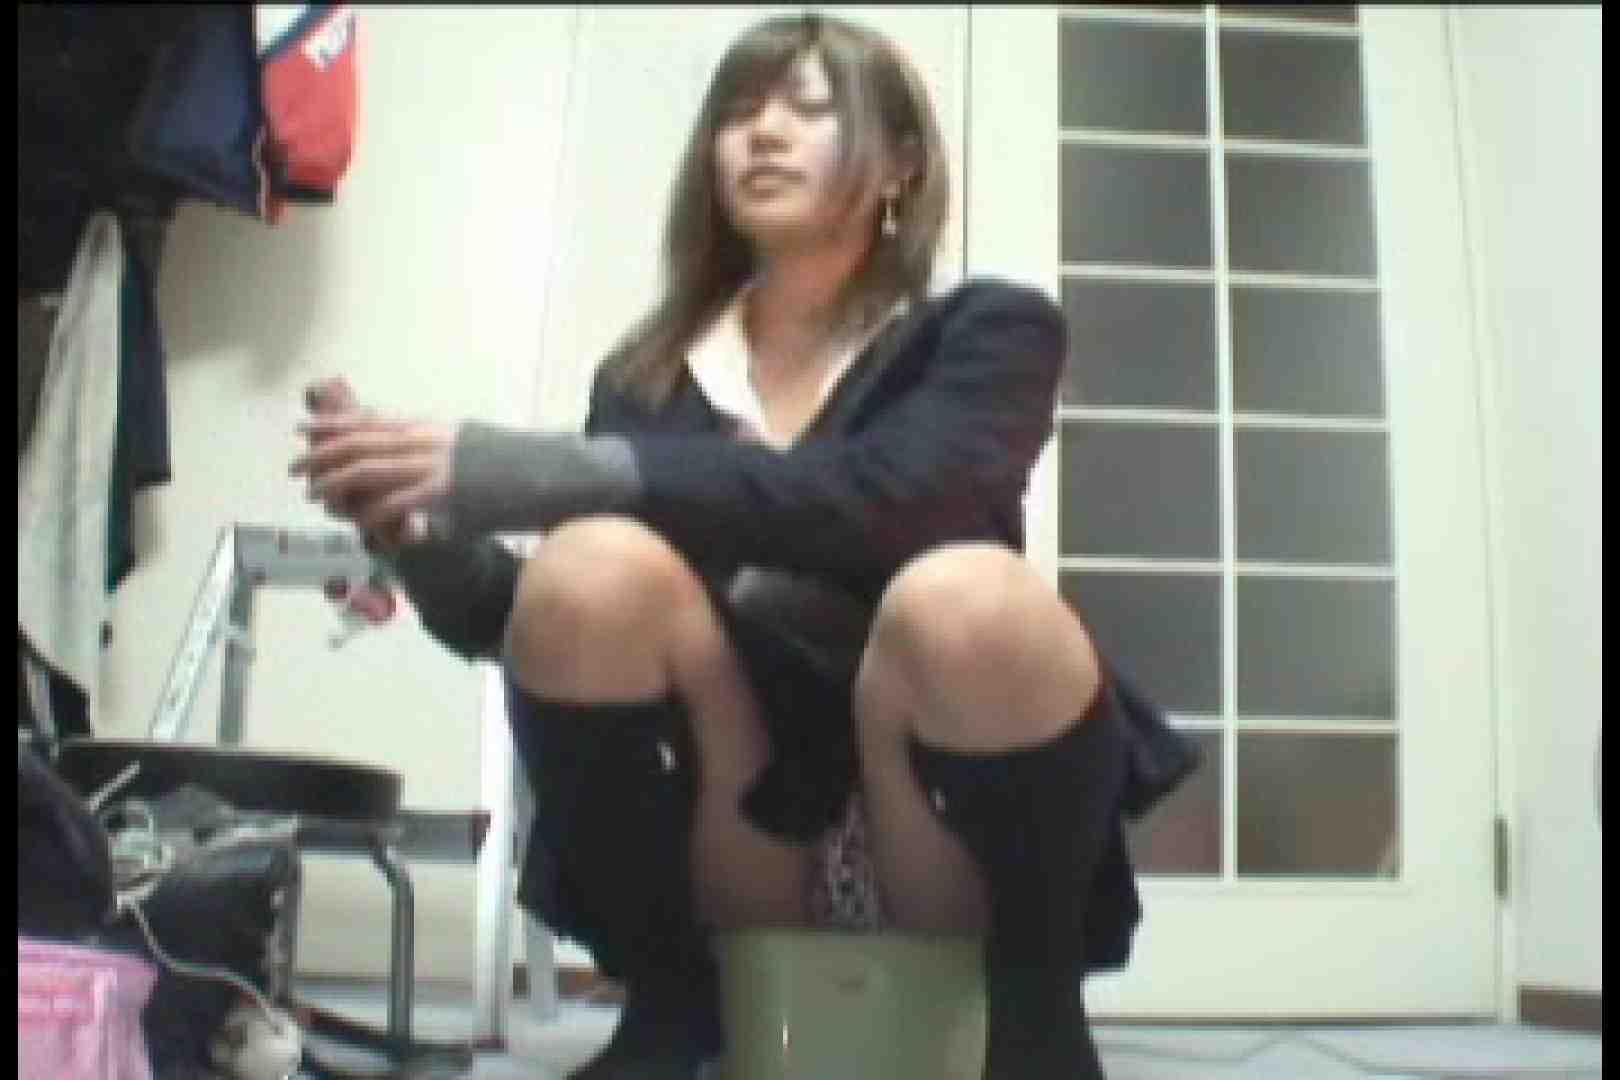 パンツ売りの女の子 れいなちゃんvol.1 一般投稿   ギャル達のオマンコ  62画像 8